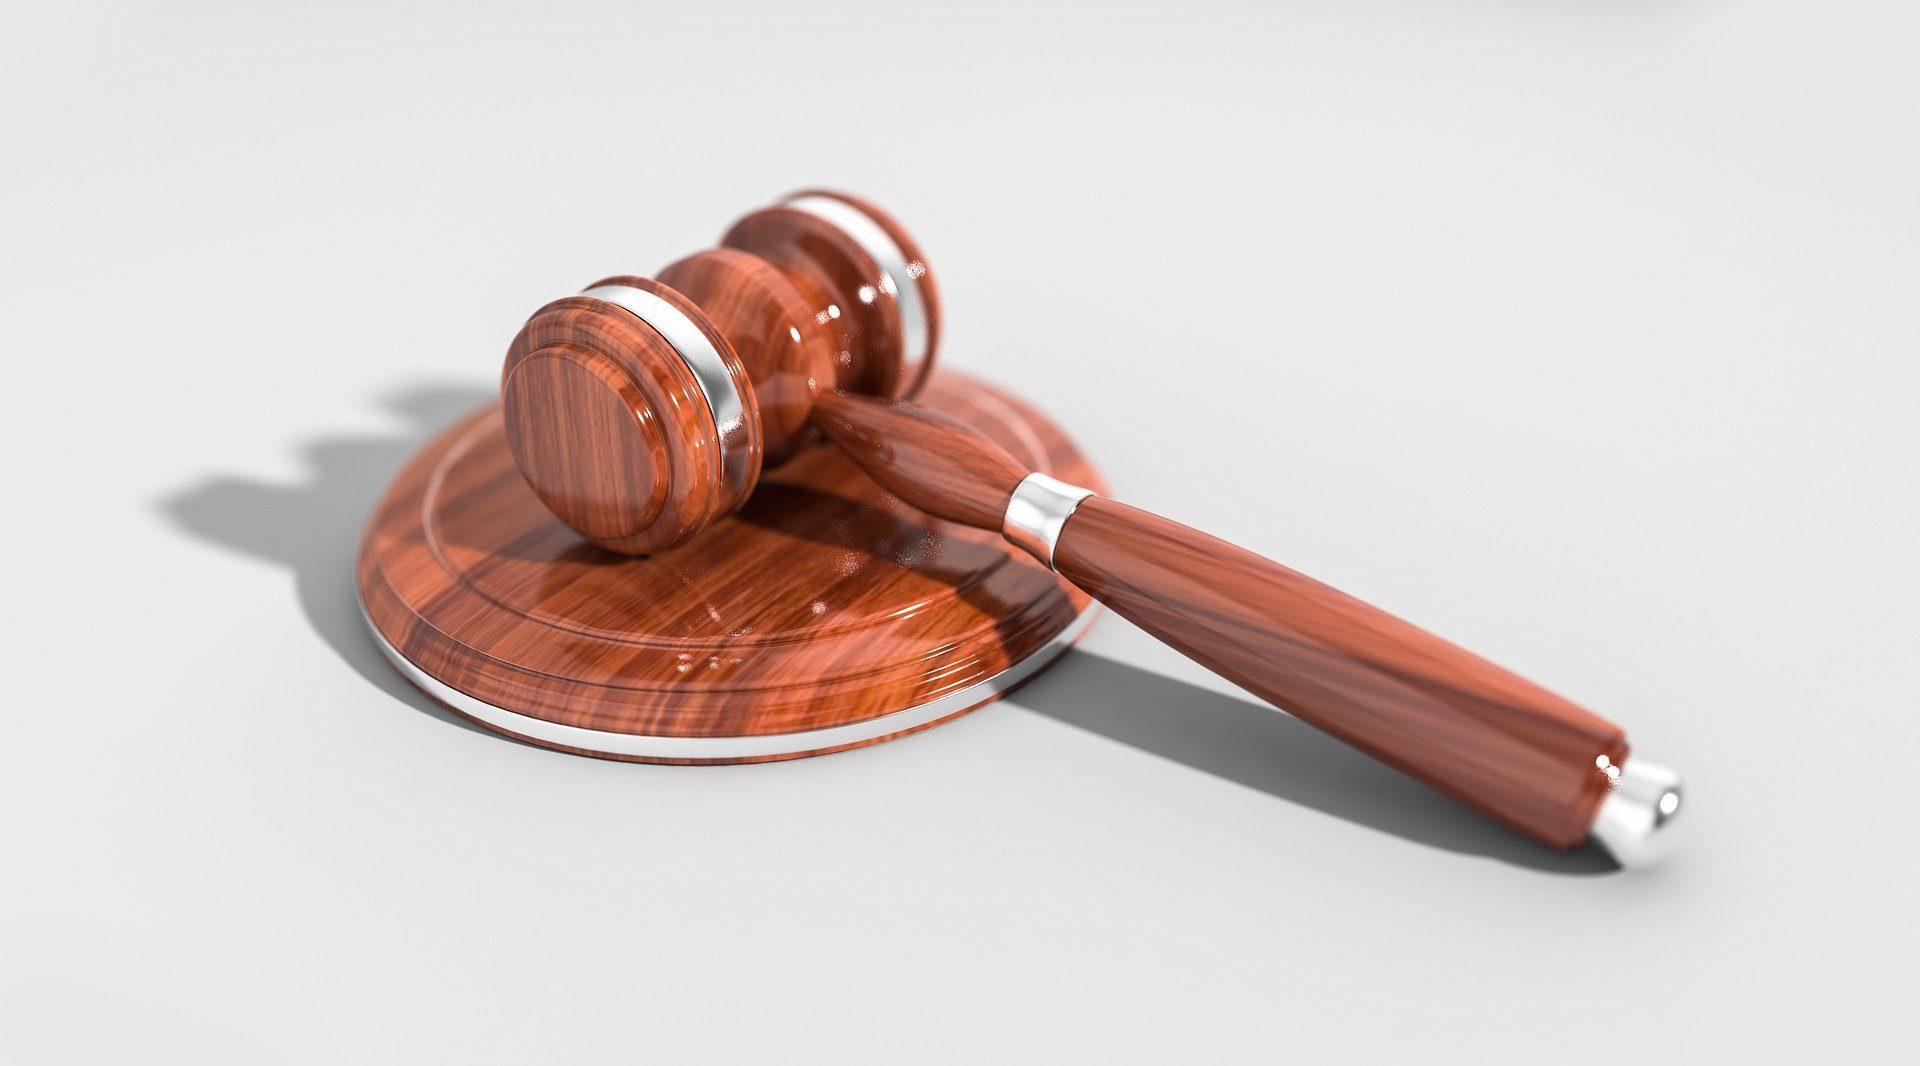 Puy-de-Dôme : condamnation de deux hommes pour l'agression d'un couple gay